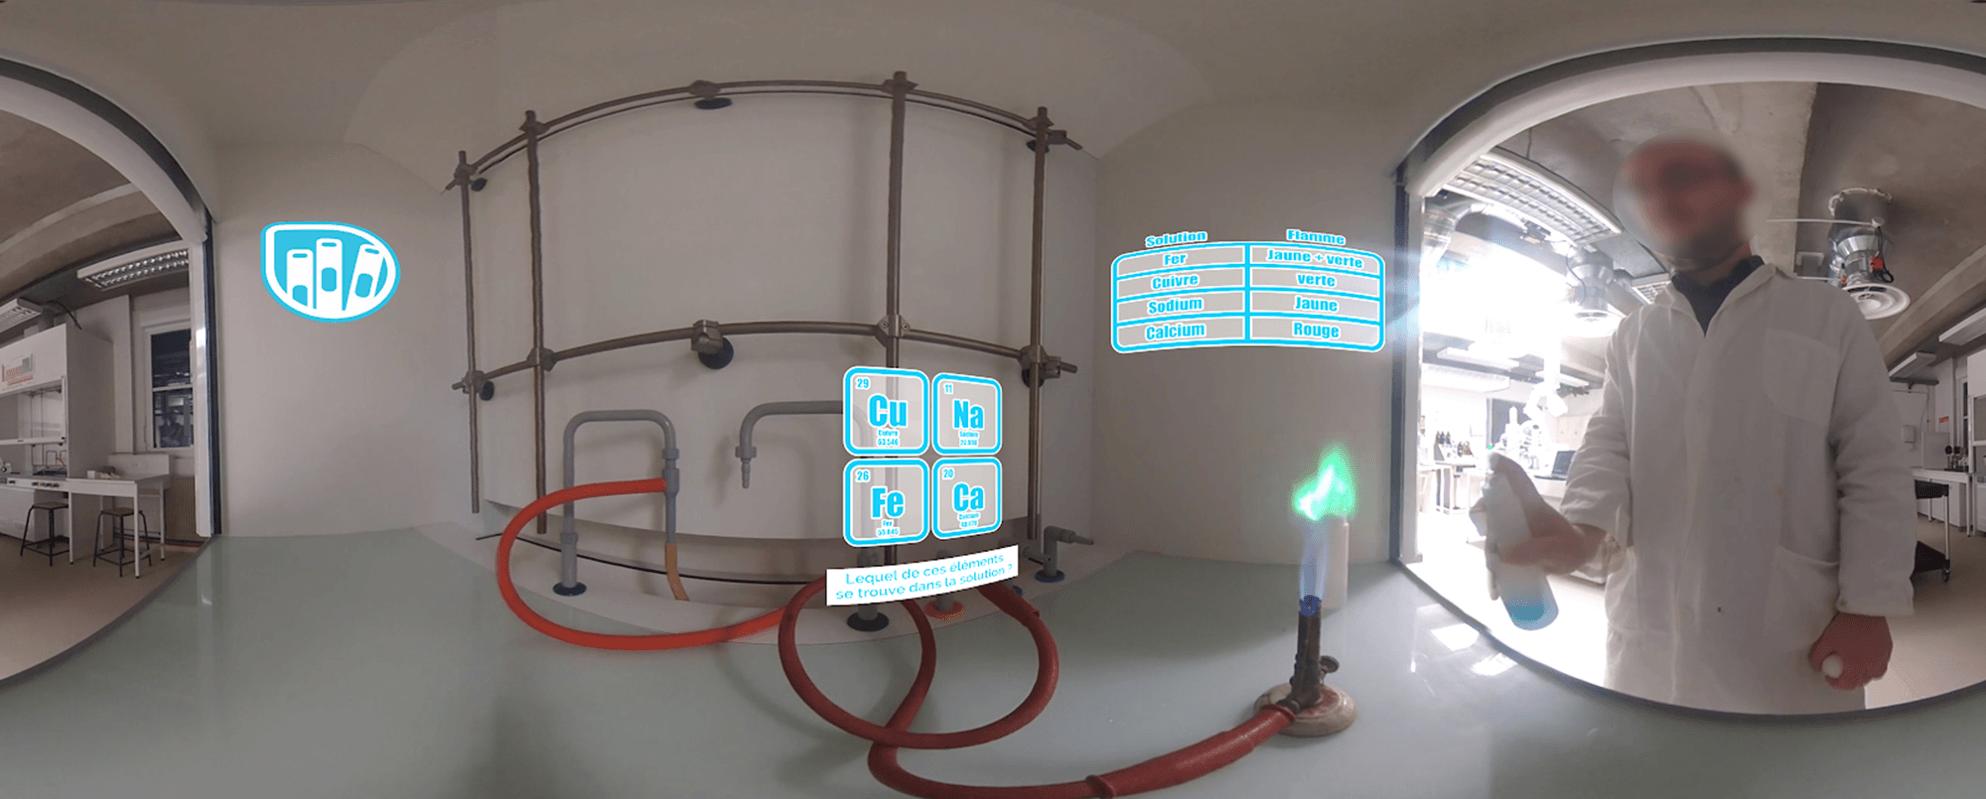 Exemple de formation dans un laboratoire de chimie